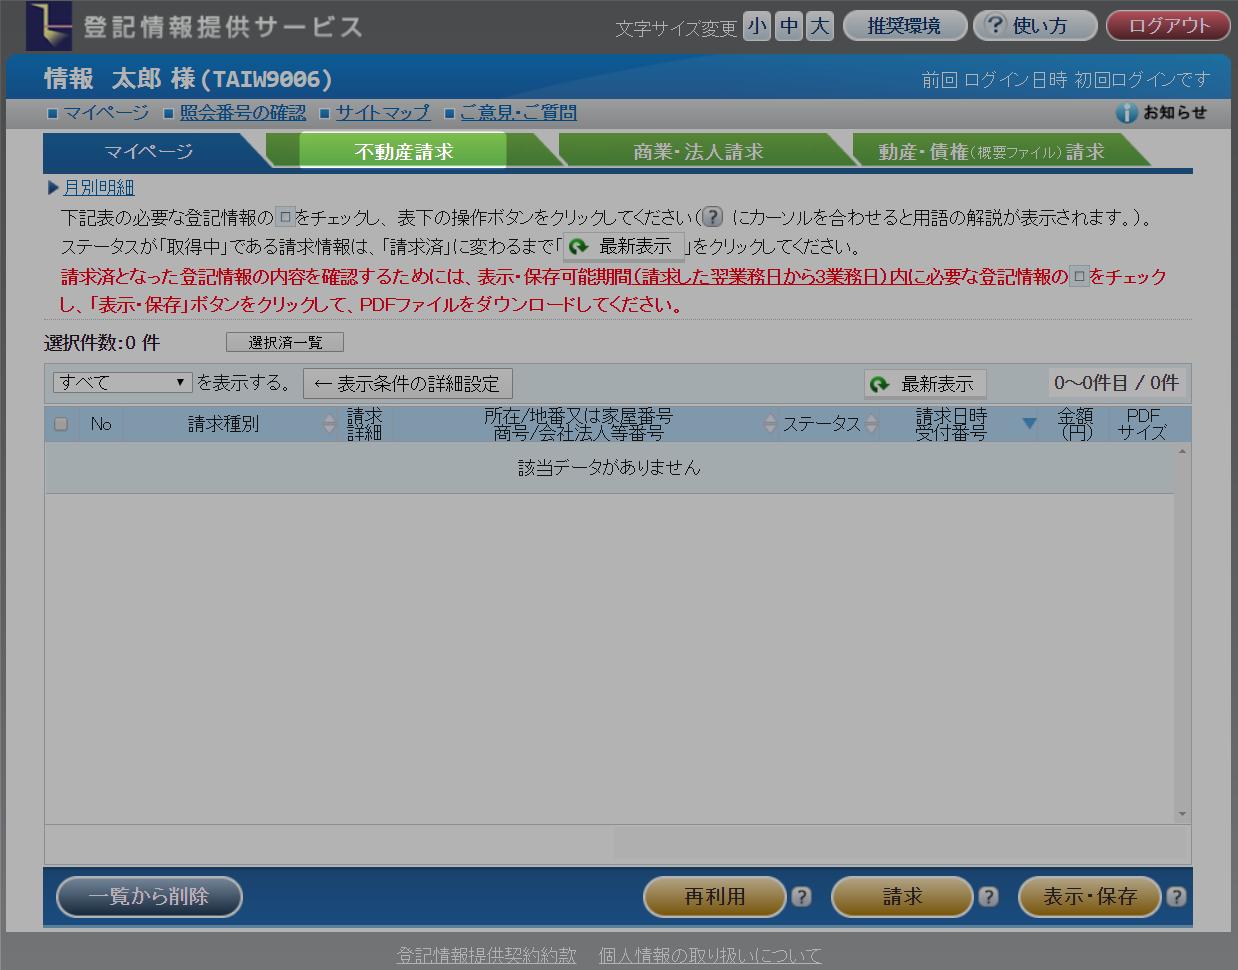 登記情報提供サービス マイページ